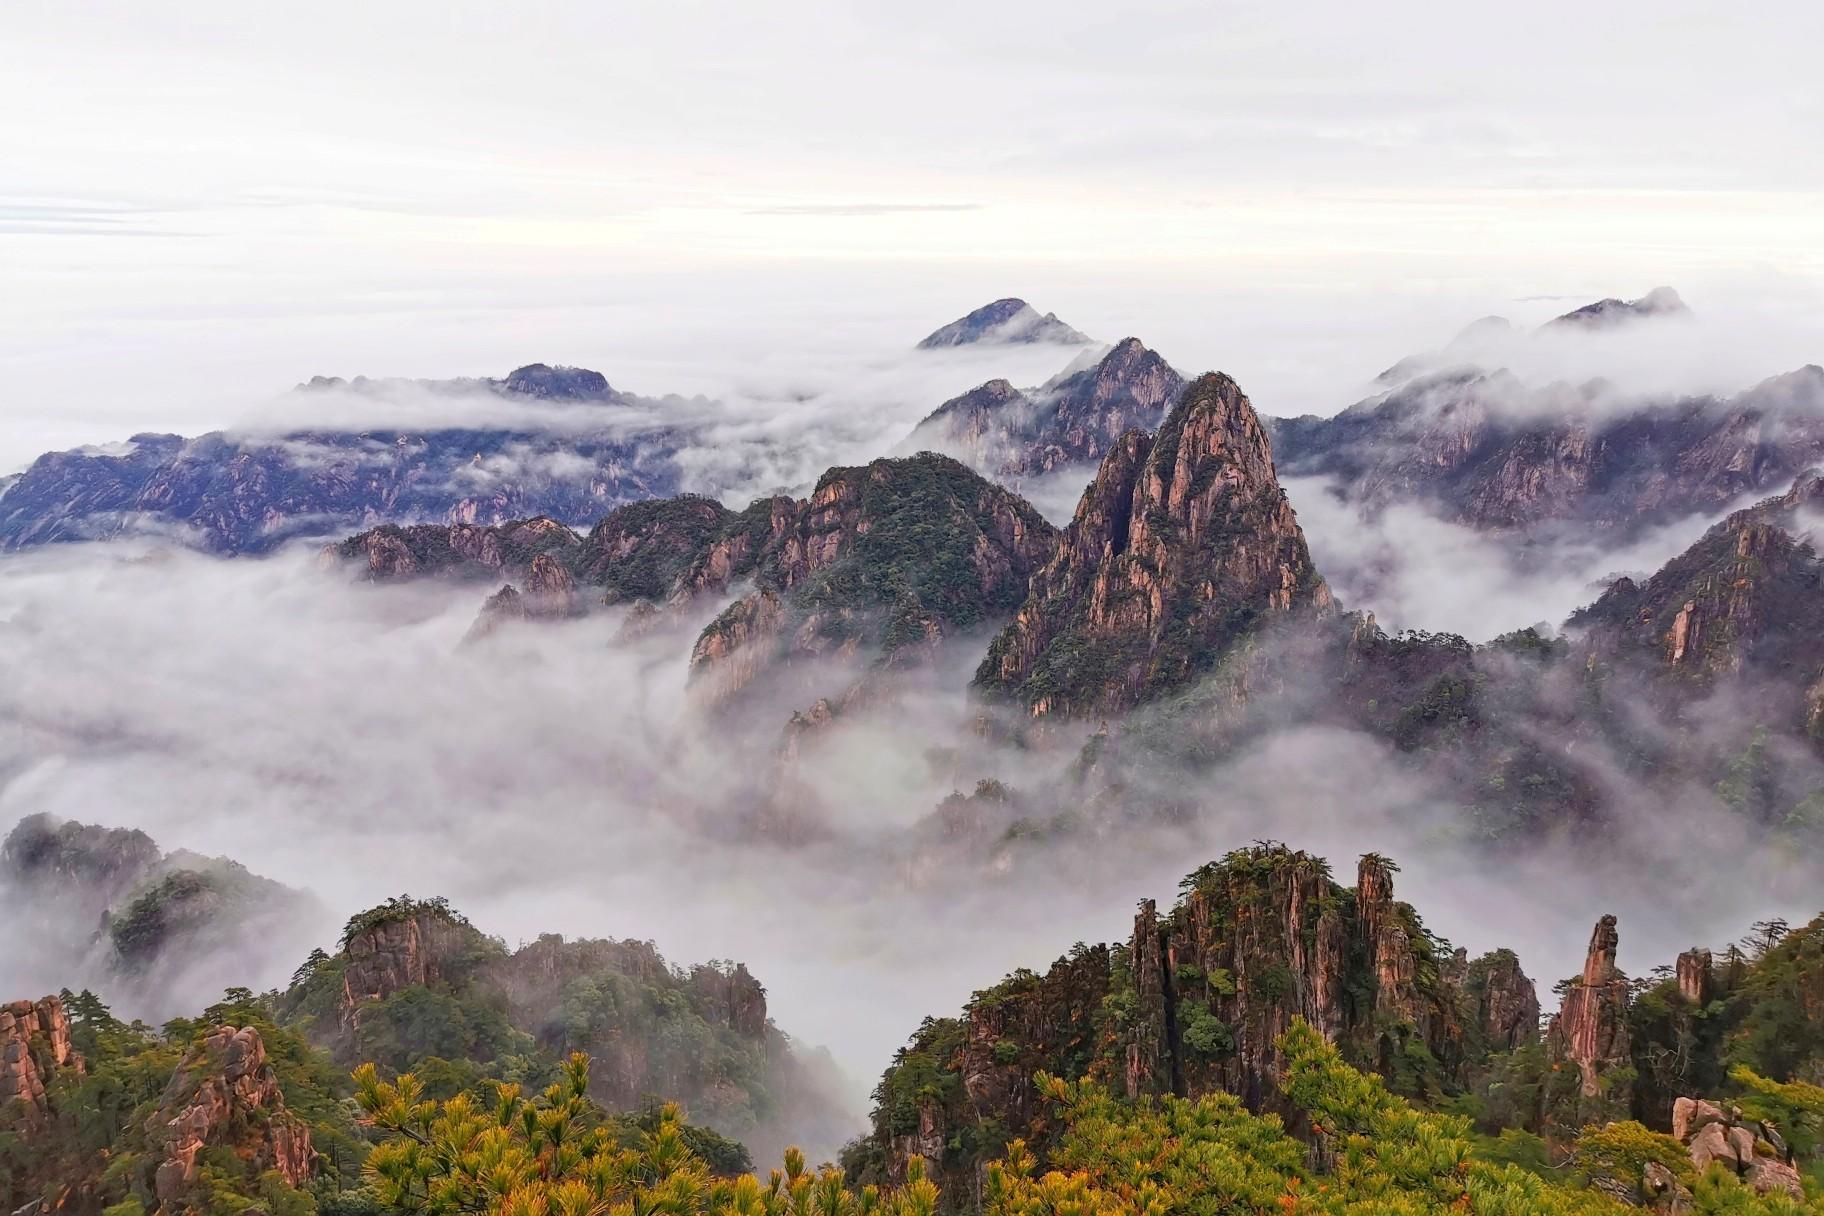 安徽 云雾缭绕的黄山 真真大地  华为P30PRO.jpg